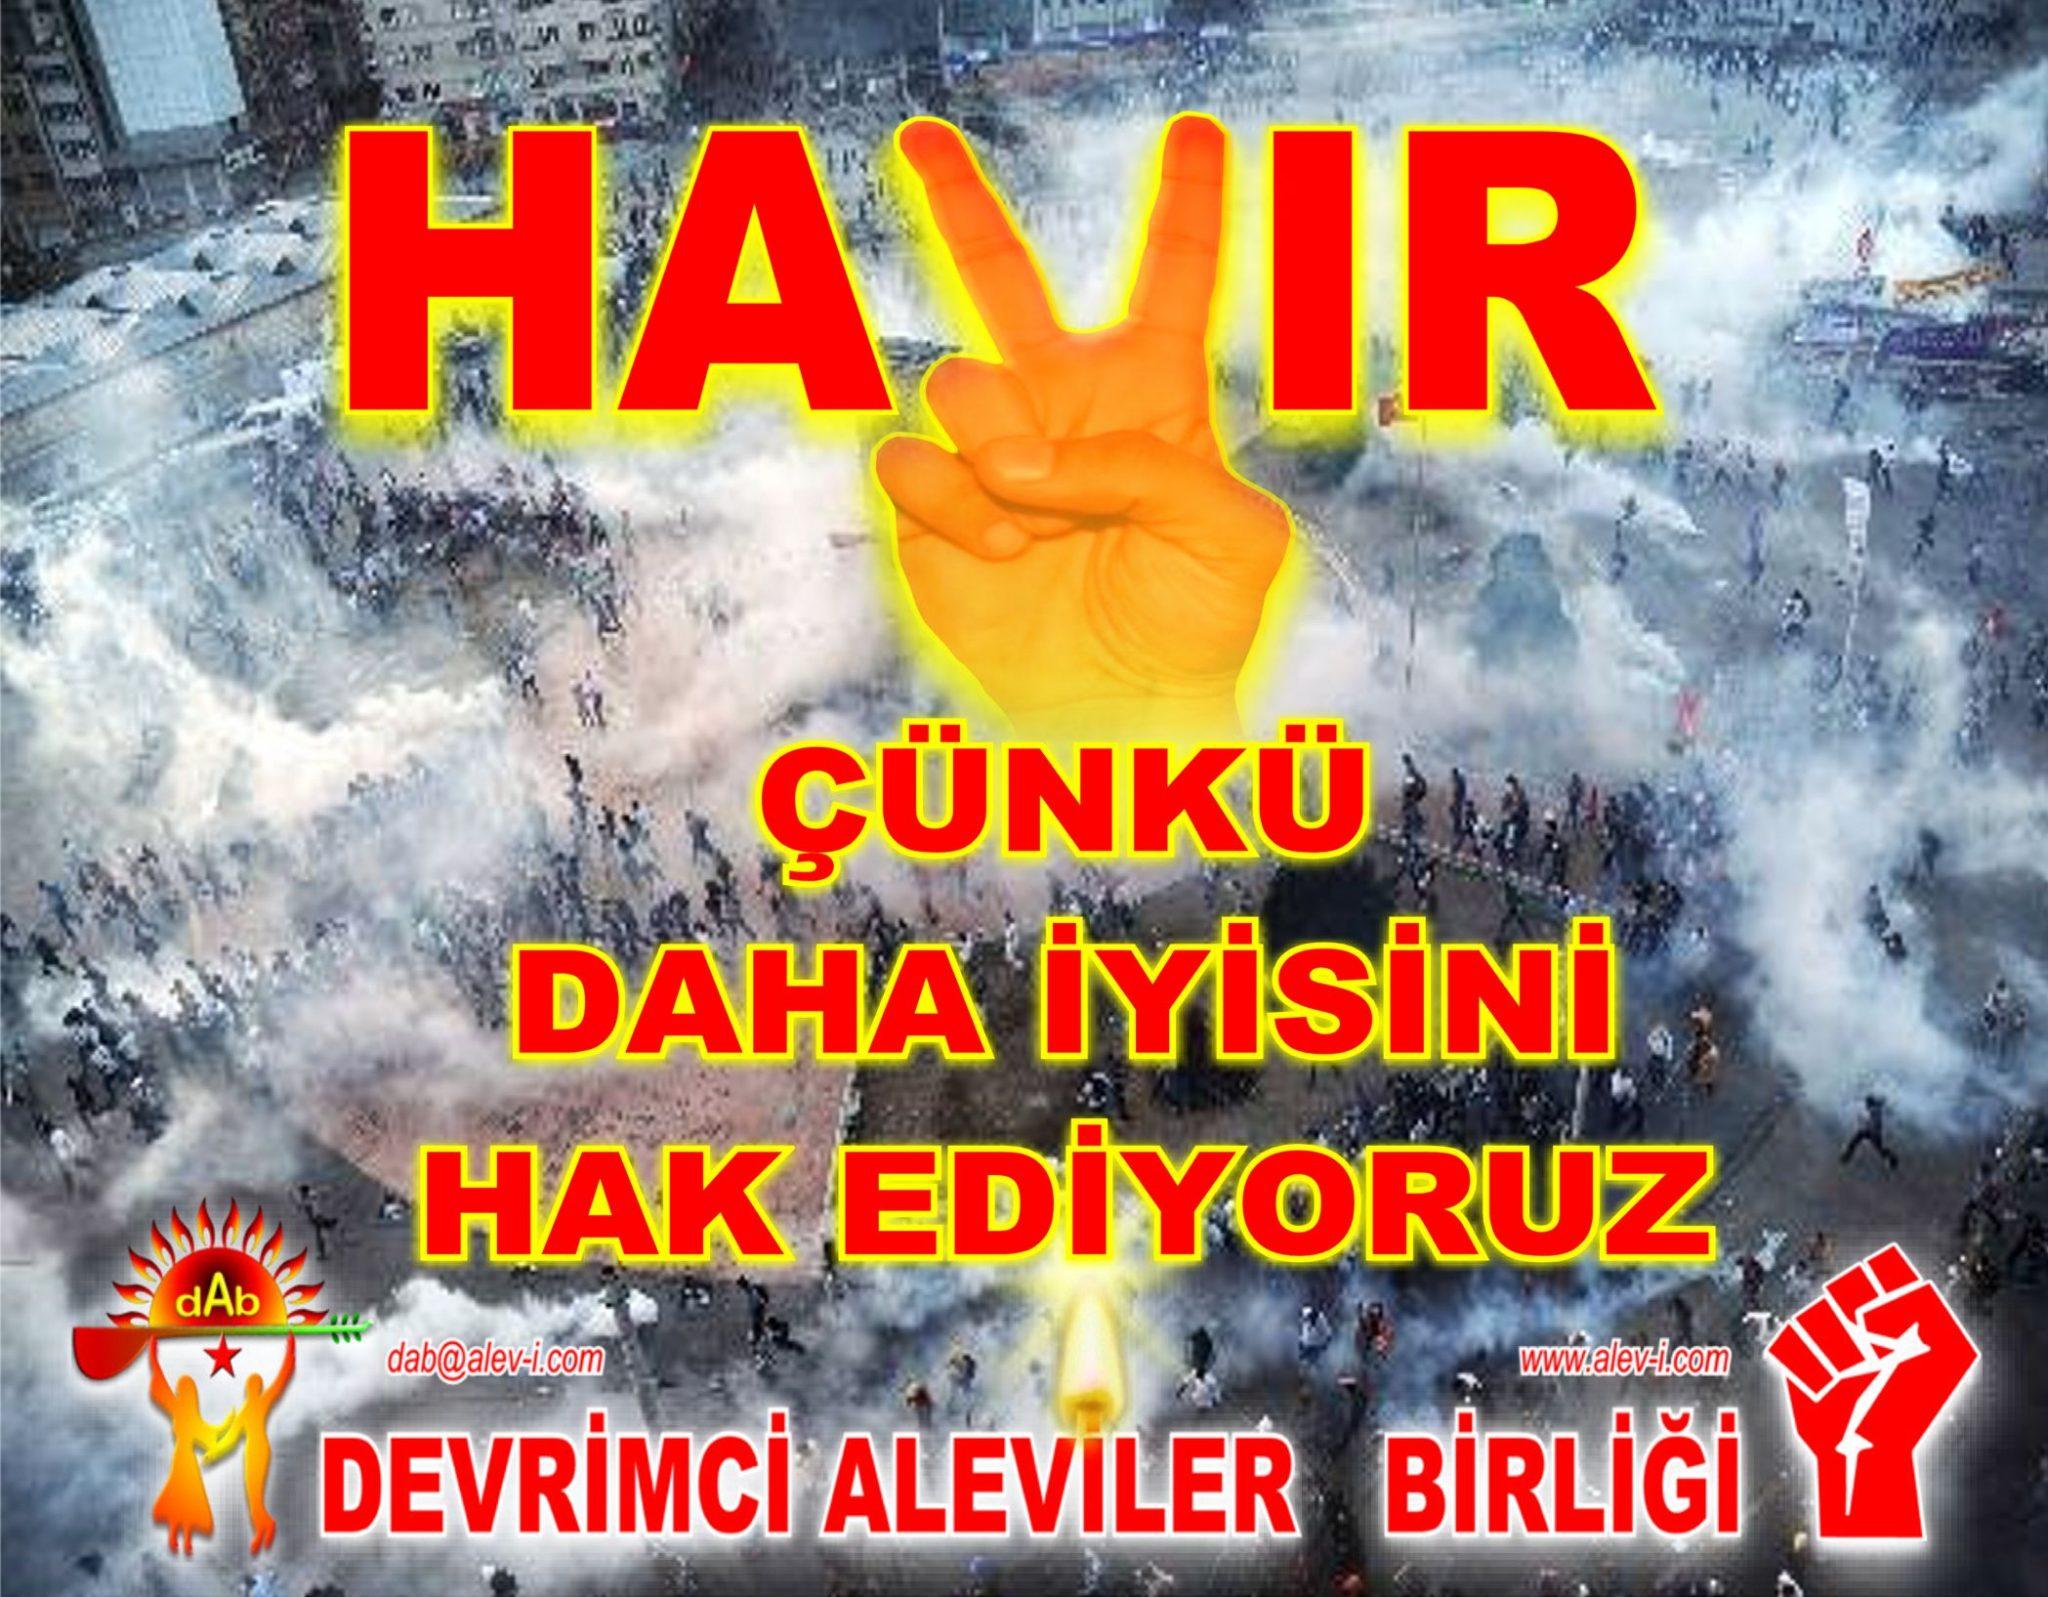 Devrimci Aleviler Birliği DAB Alevi Kızılbaş Bektaşi pir sultan cem hz Ali 12 imam semah Feramuz Şah Acar 31 DAB hayir daha iyi cunki